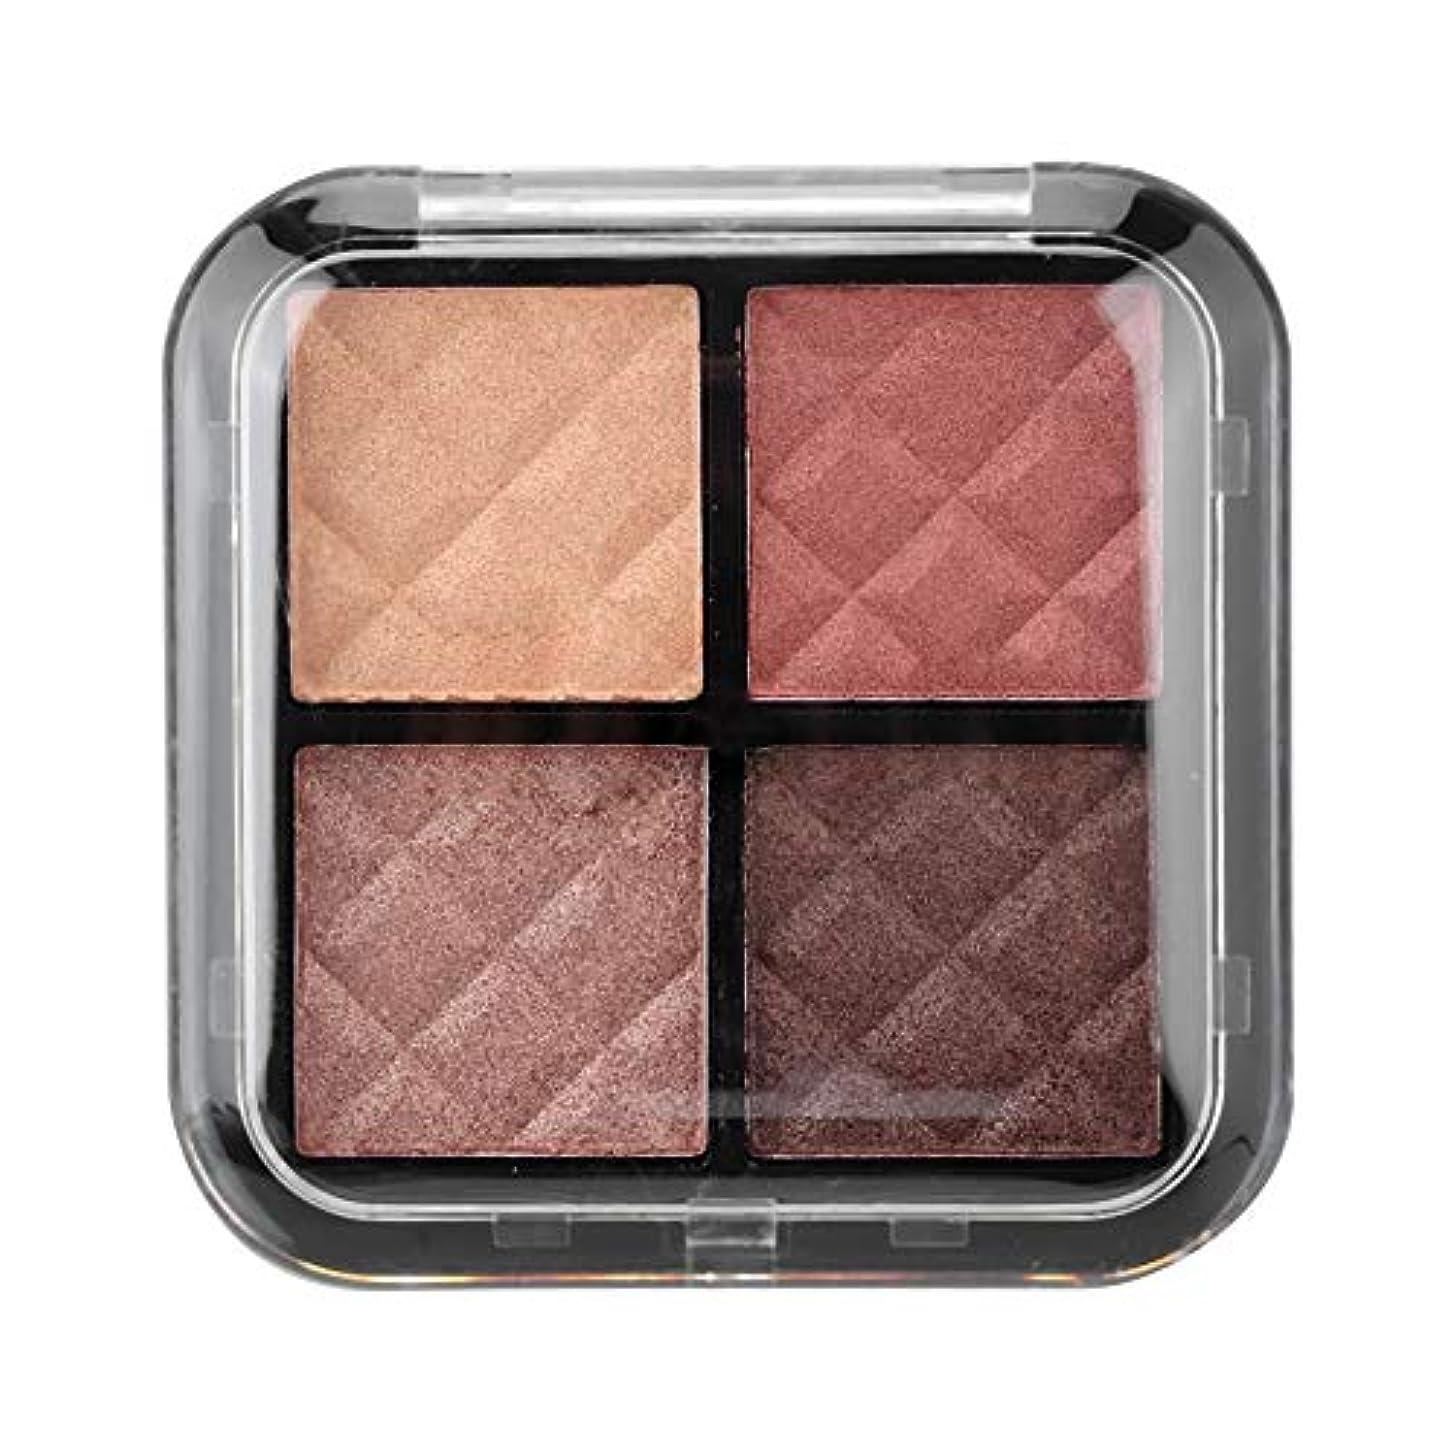 フラップ勉強するくぼみアイシャドウパレット 4色 化粧マット 化粧品ツール グロス アイシャドウパウダー(01)